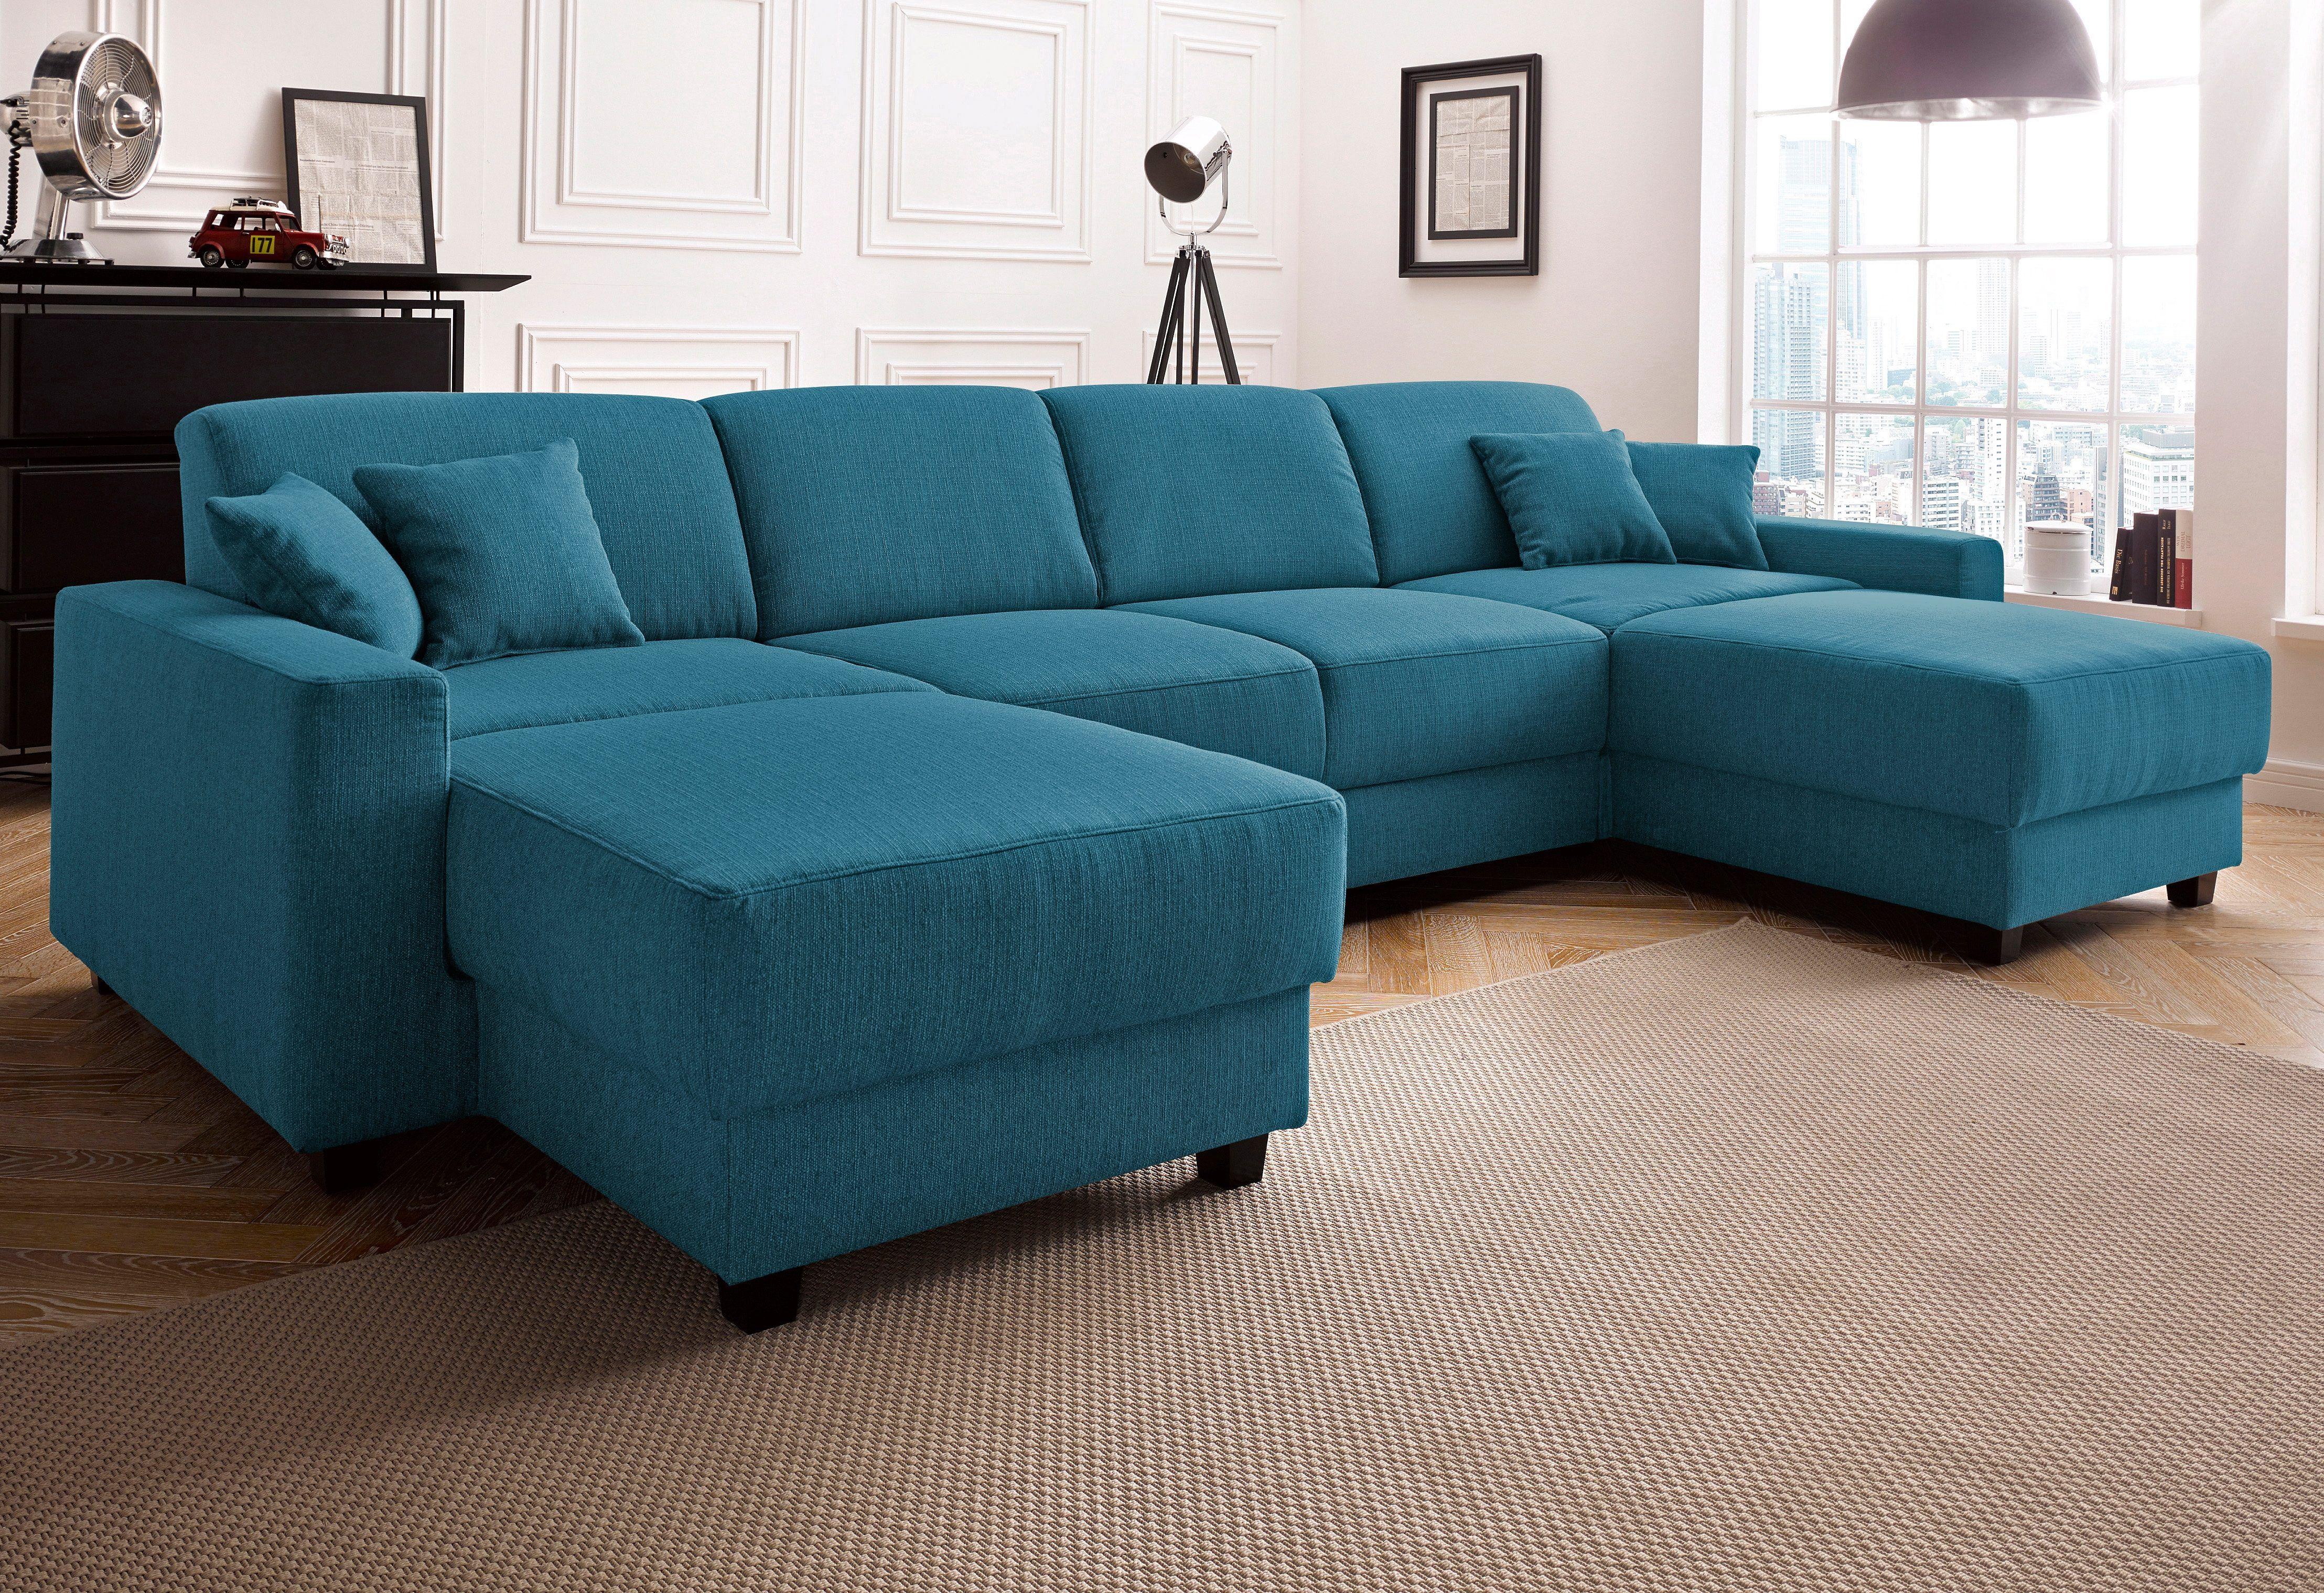 wohnlandschaft grün, ohne relaxfunktion, fsc®-zertifiziert, Wohnzimmer dekoo